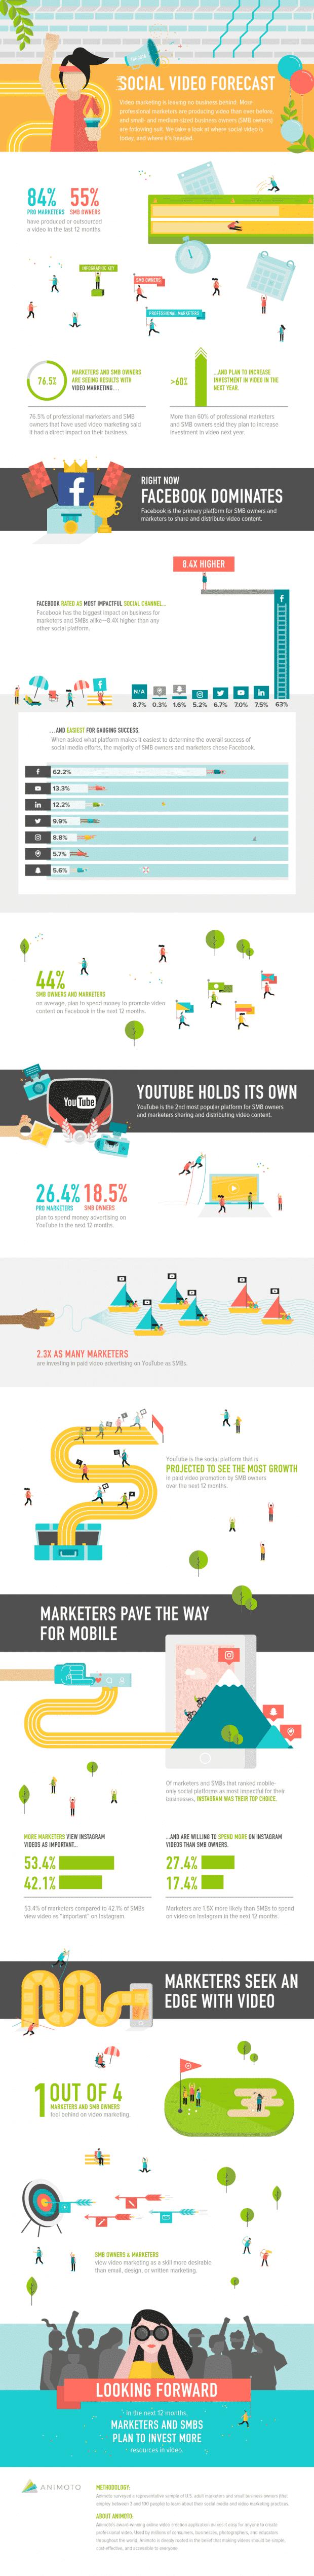 Vídeo Marketing - Infografía resumen.